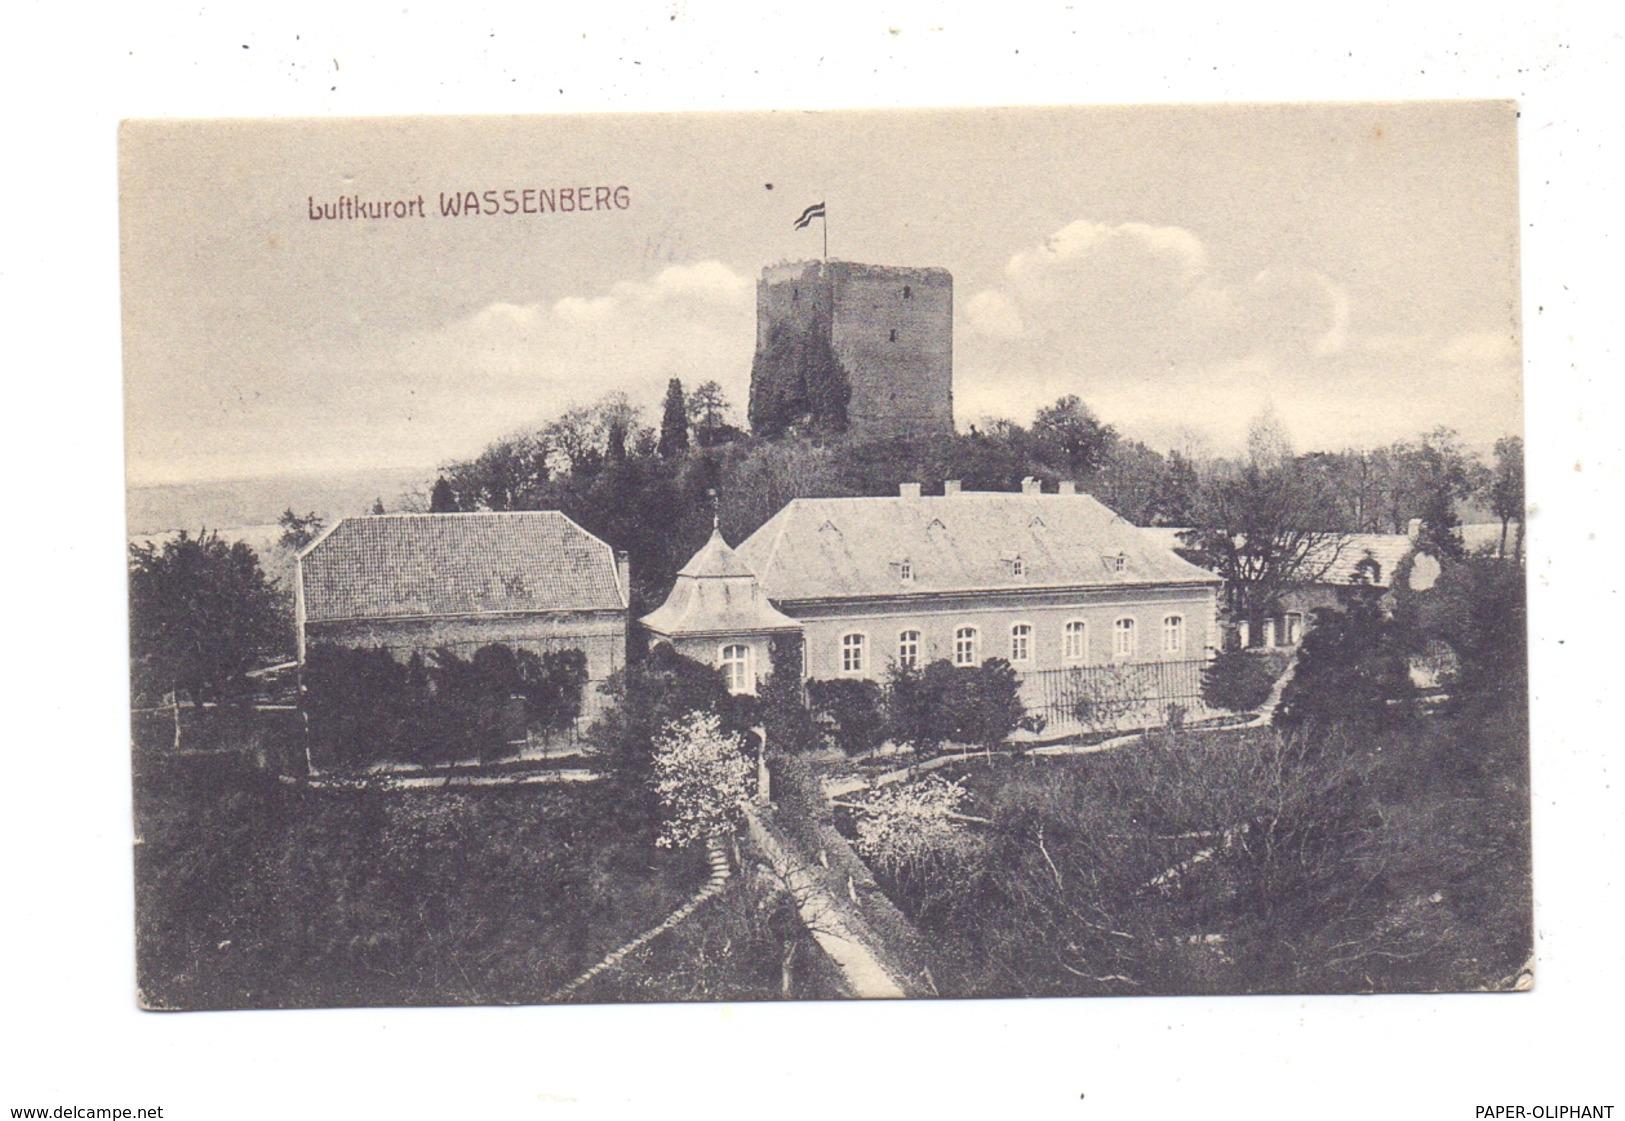 5143 WASSENBERG, Luftkurort, 1913 - Heinsberg